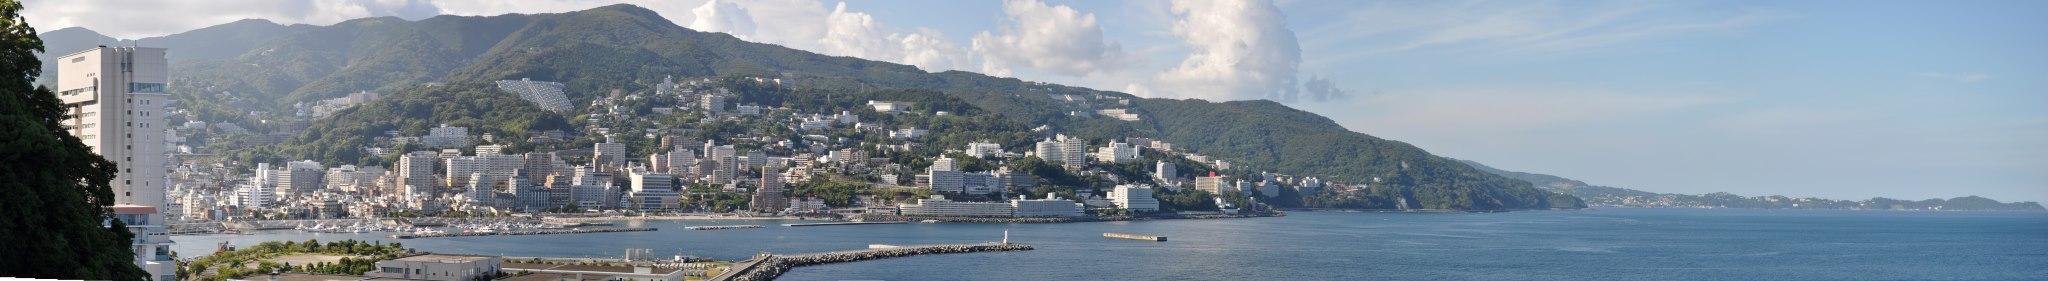 熱海市街 遠景